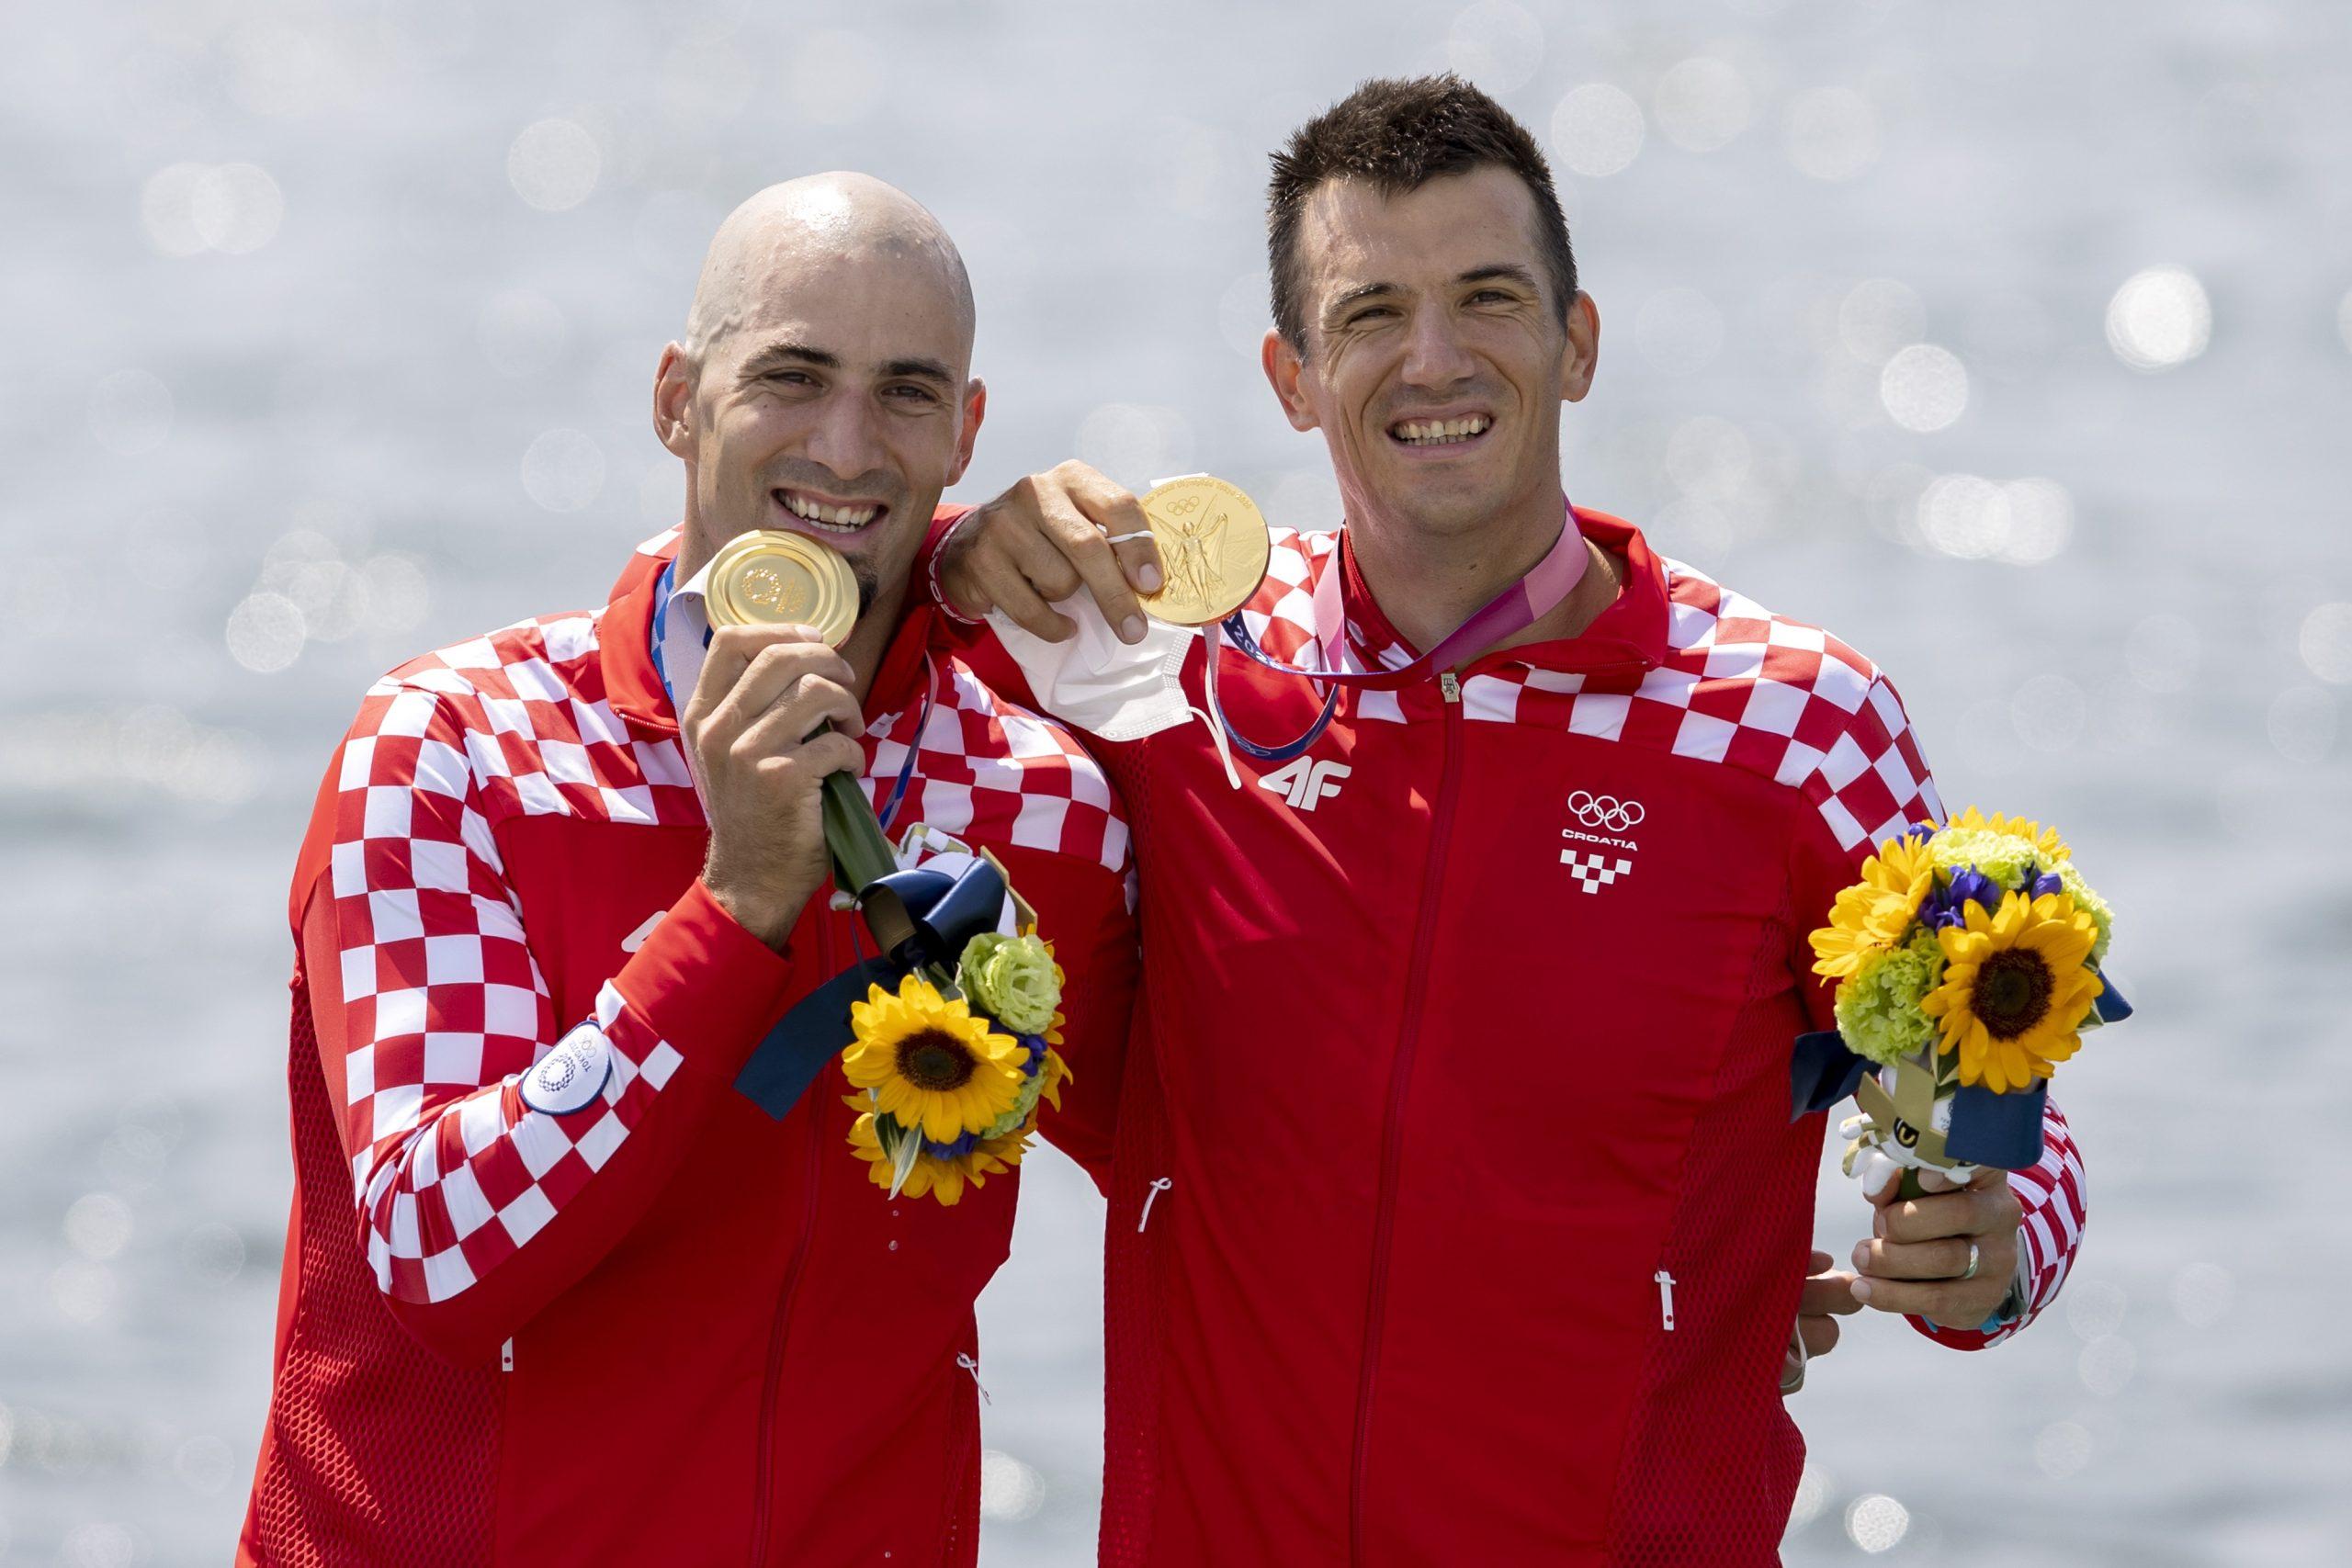 Valent i Martin Sinković/Igor Kralj/PIXSELL